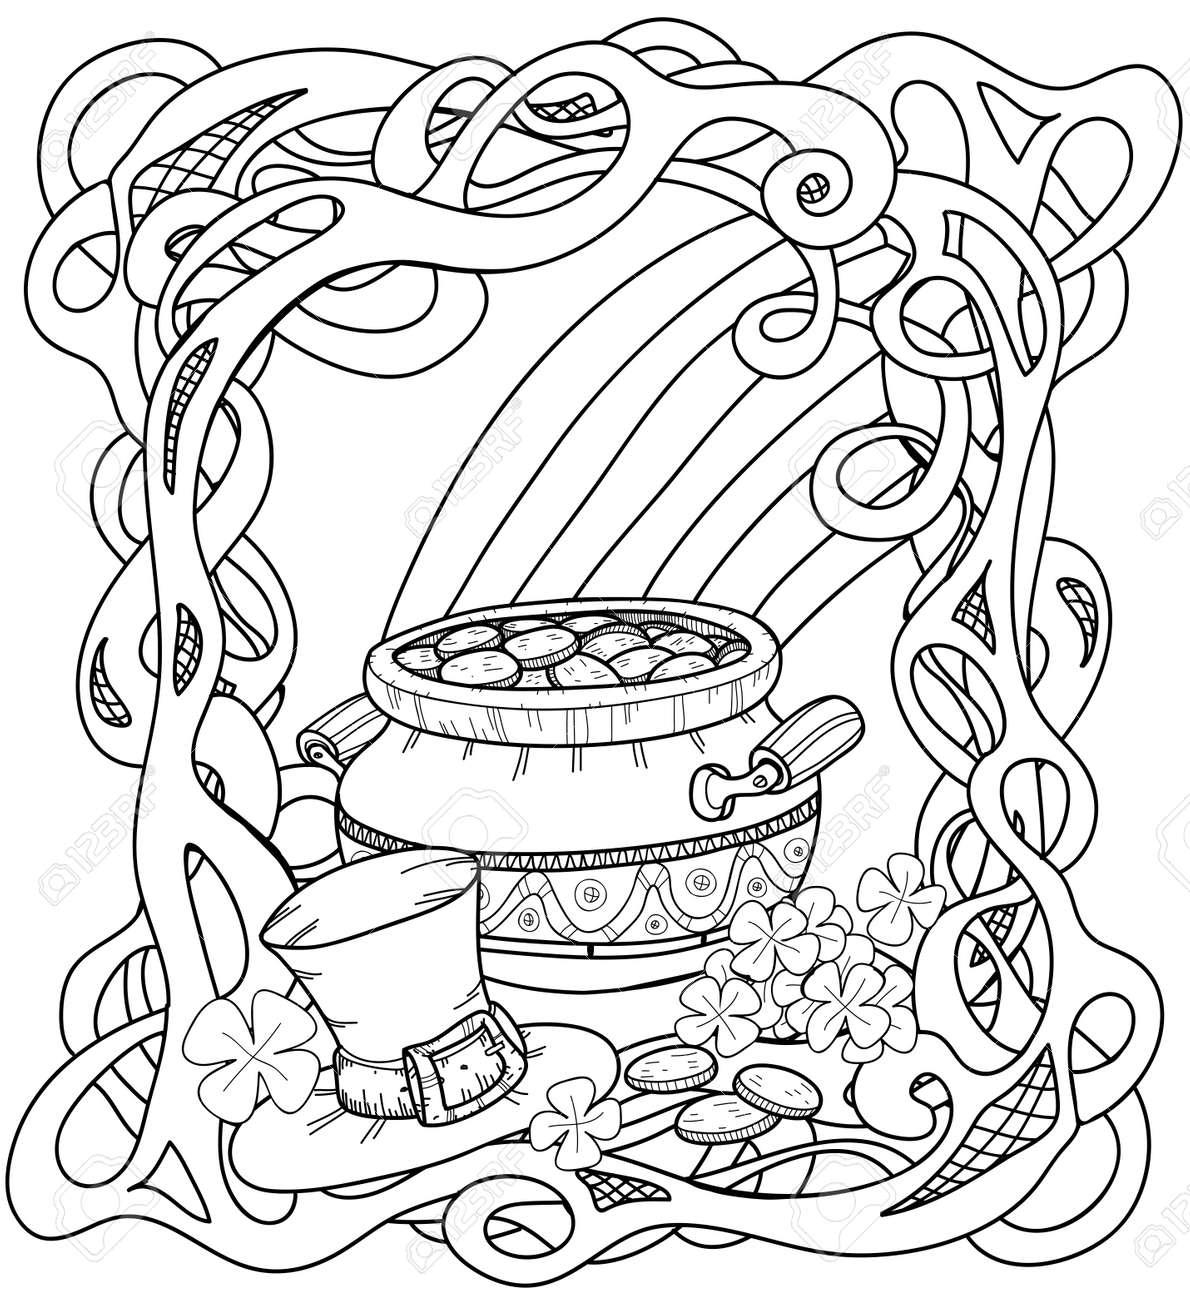 Ziemlich St. Patricks Day Klee Malvorlagen Zeitgenössisch - Beispiel ...